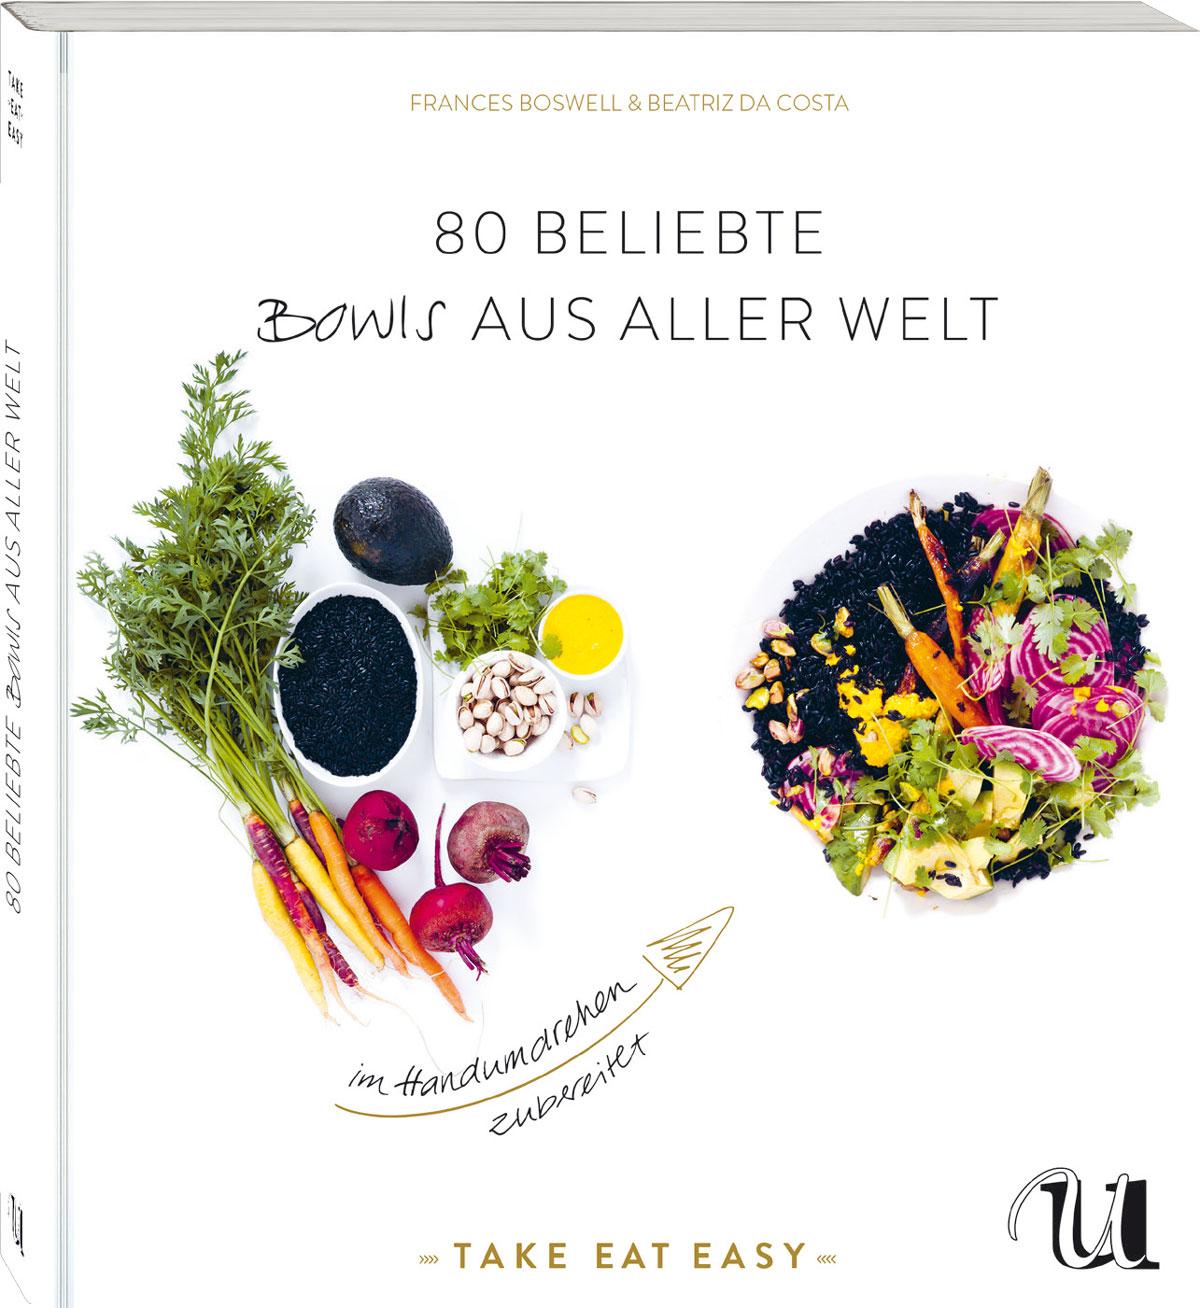 80 beliebte Bowls aus aller Welt im Handumdrehen zubereitet Frances Boswell